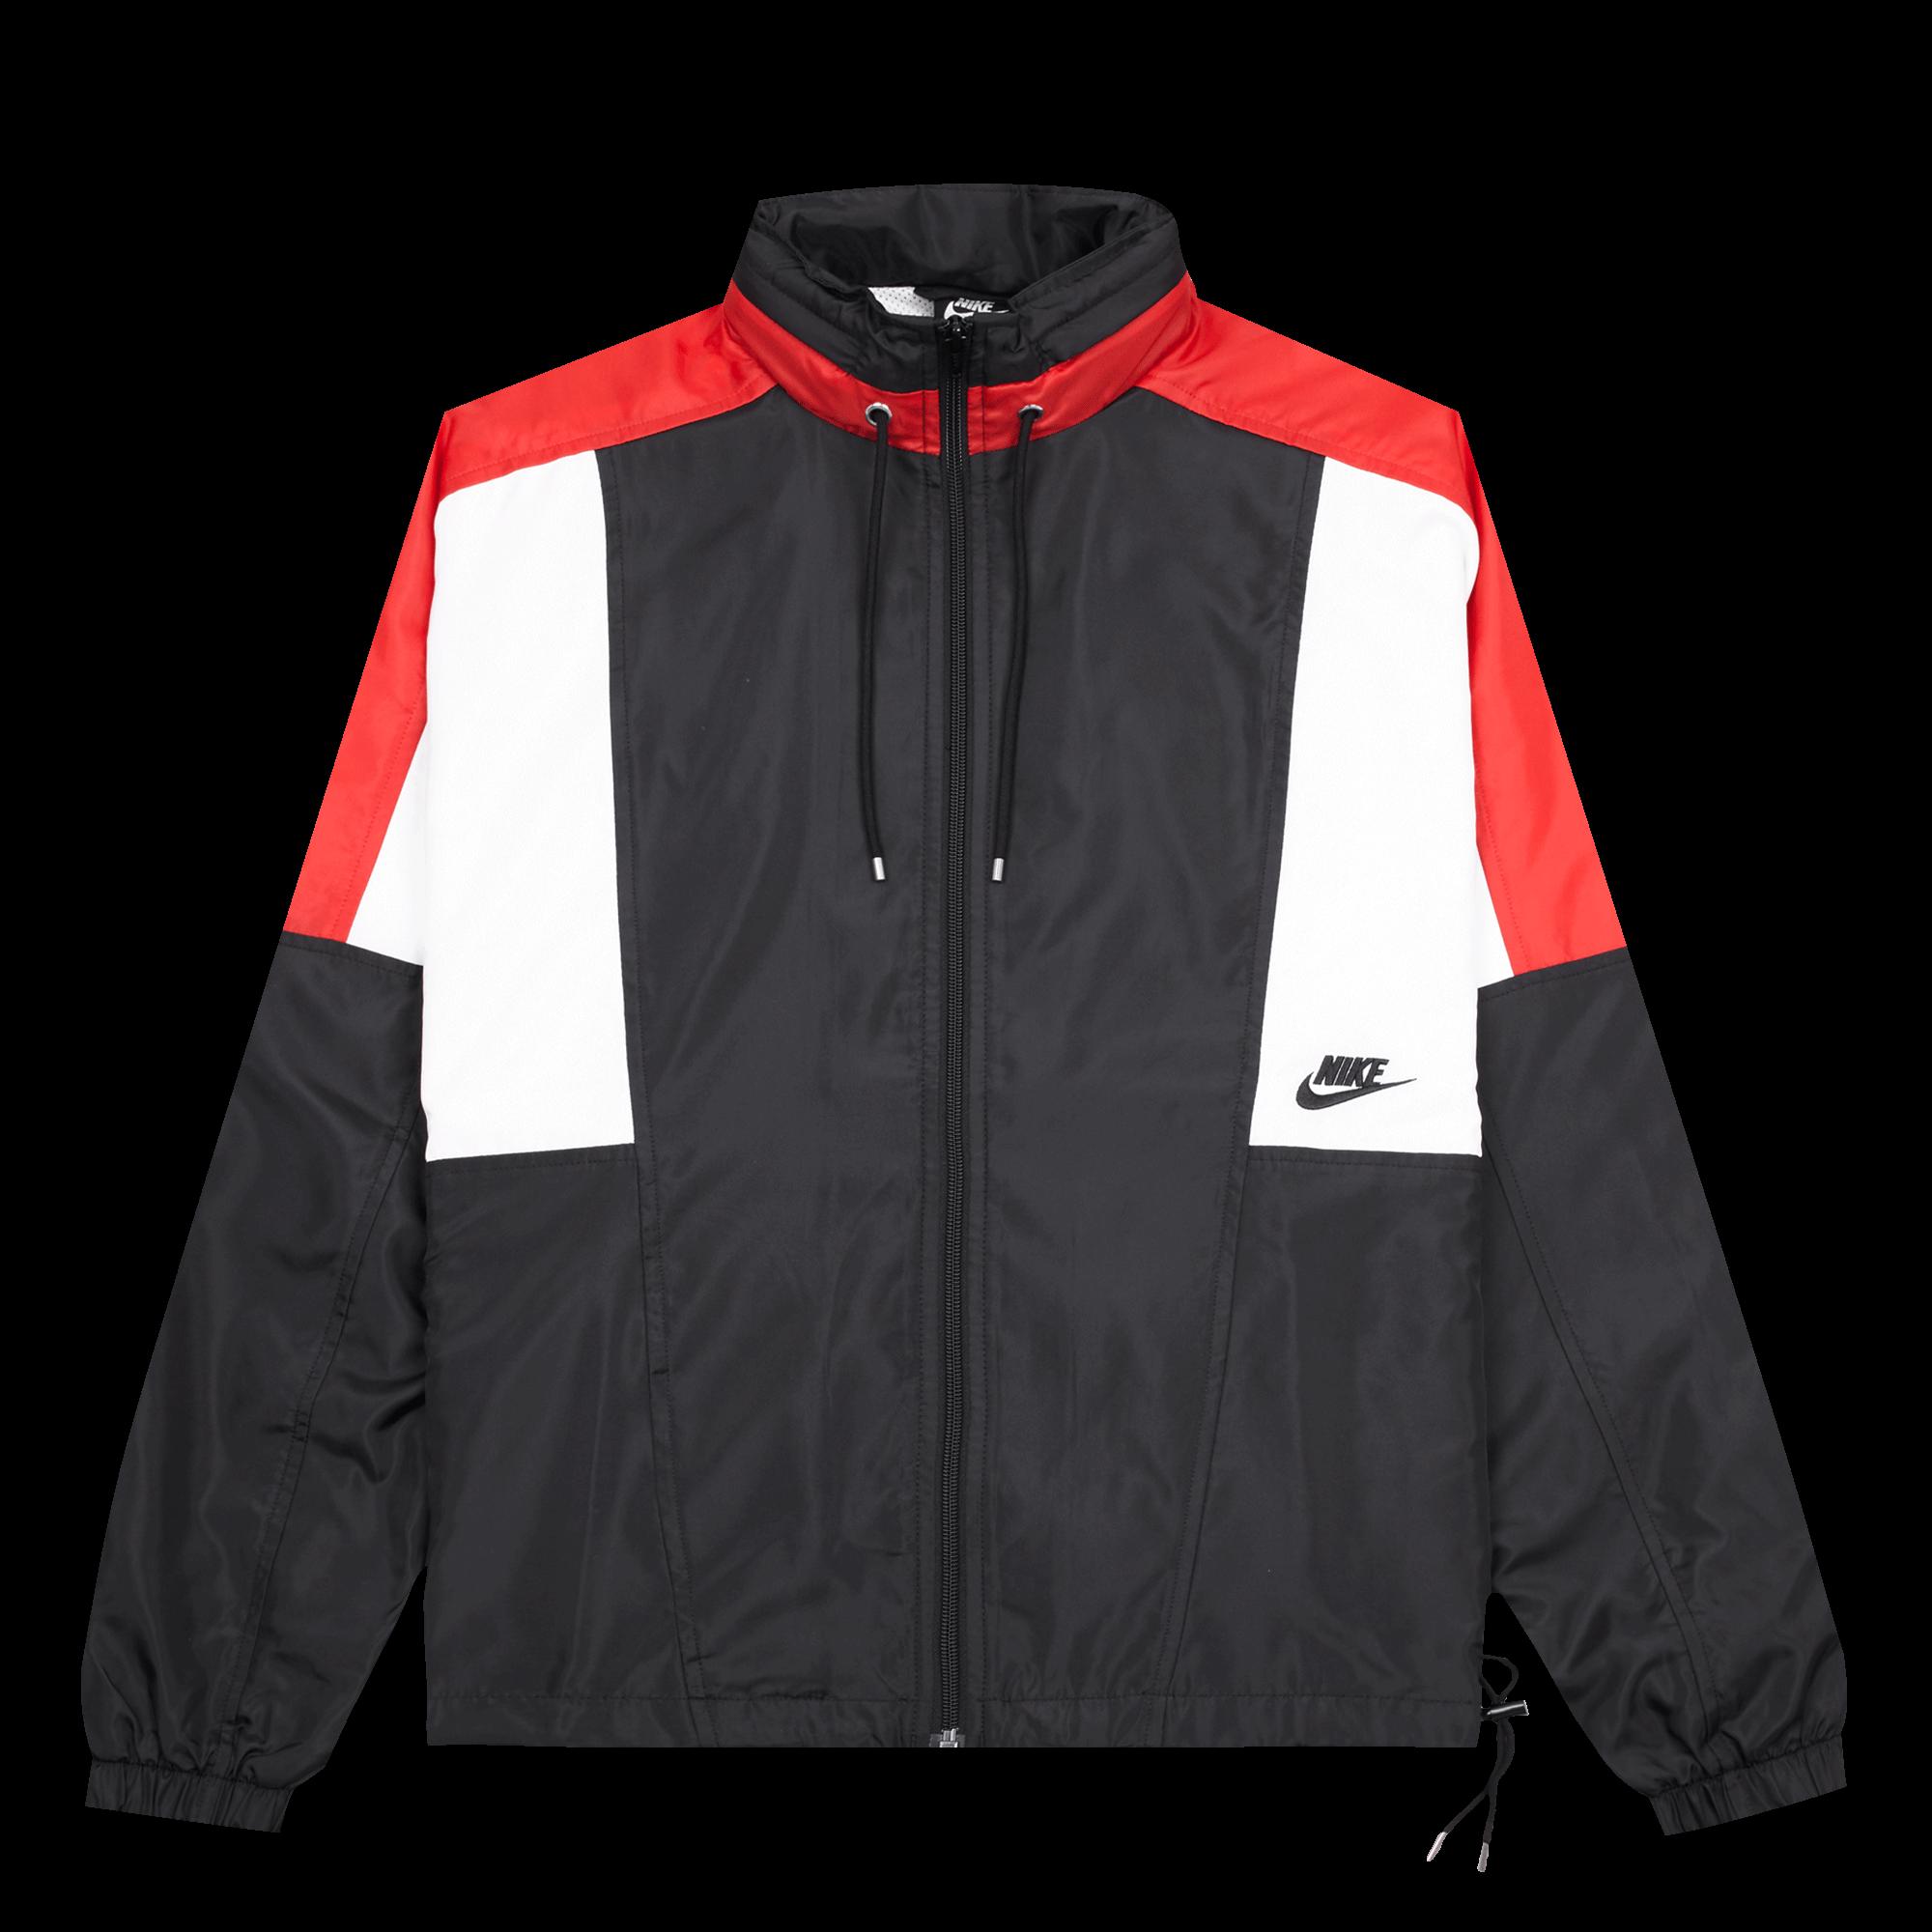 university Re summit Nike Issue red white Jacket black NSW Woven 7YTSxwU5q